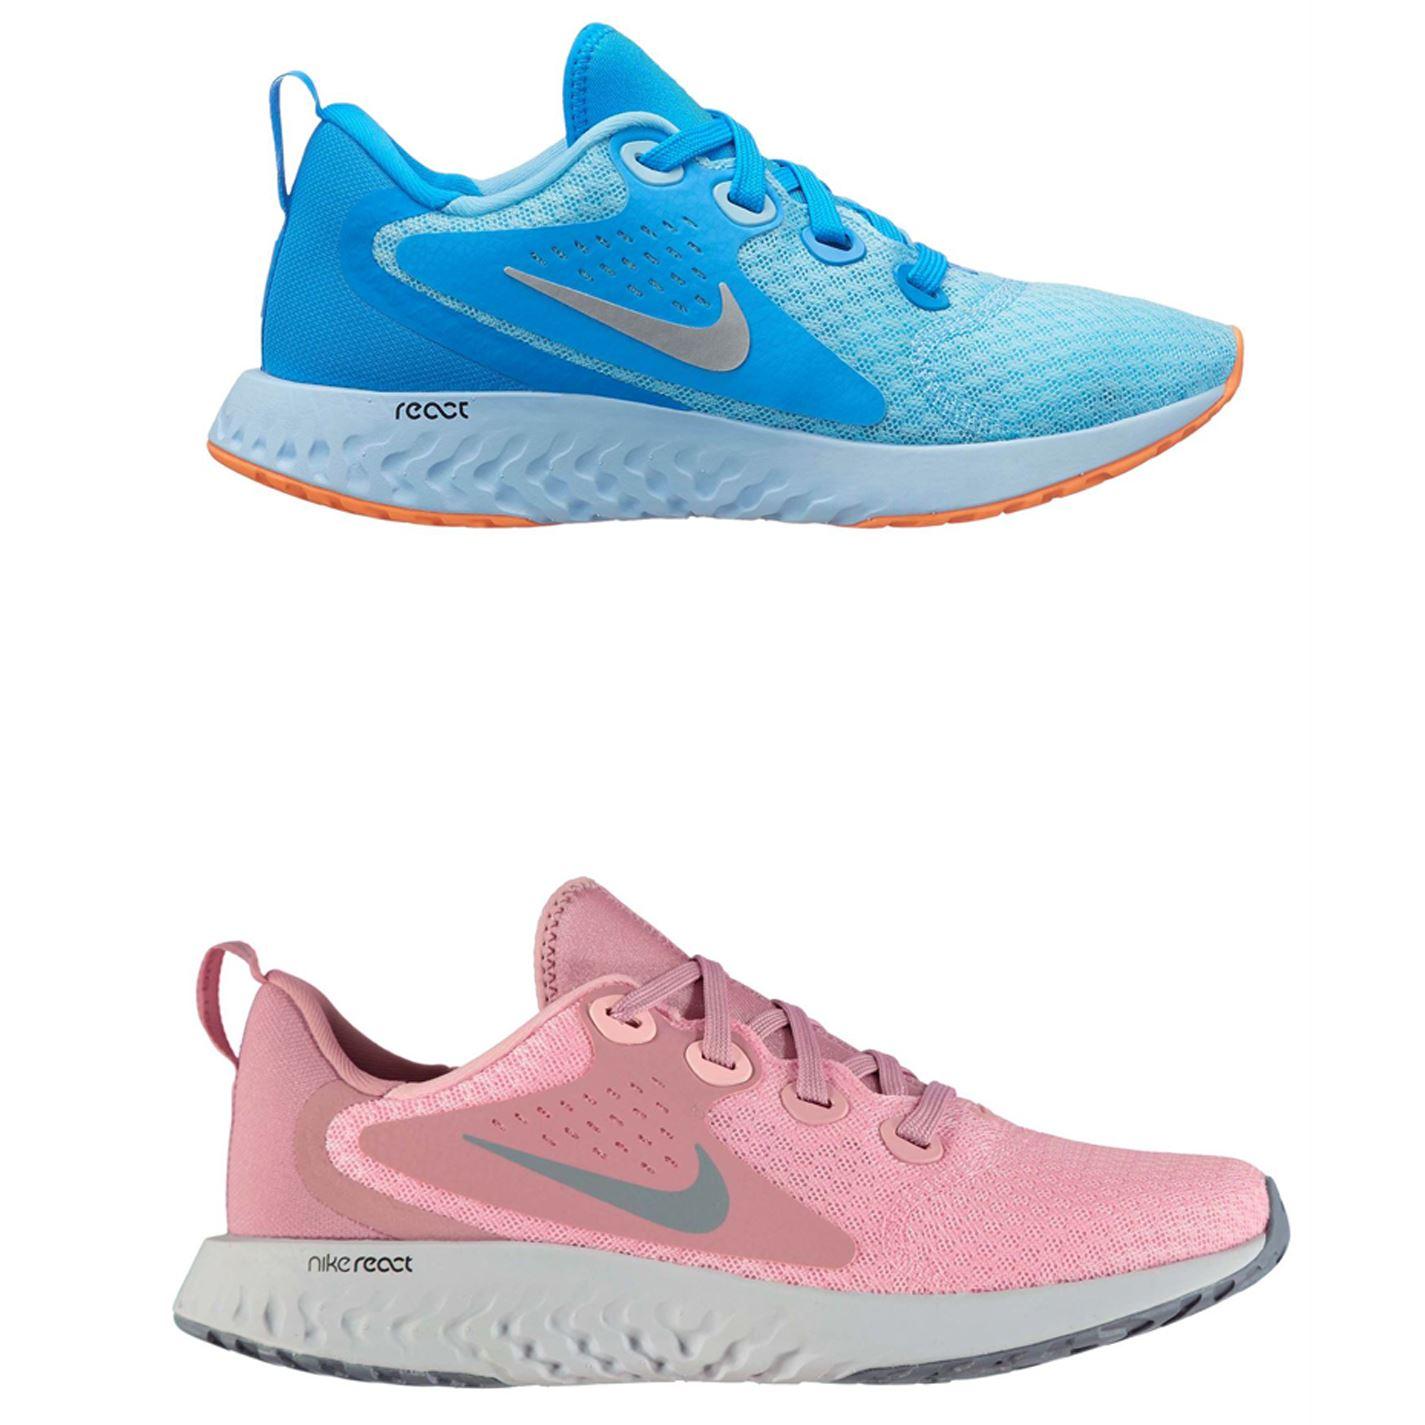 ded9aab69cf00 ... Nike Rebel React Trainers Junior Girls Shoes Footwear ...